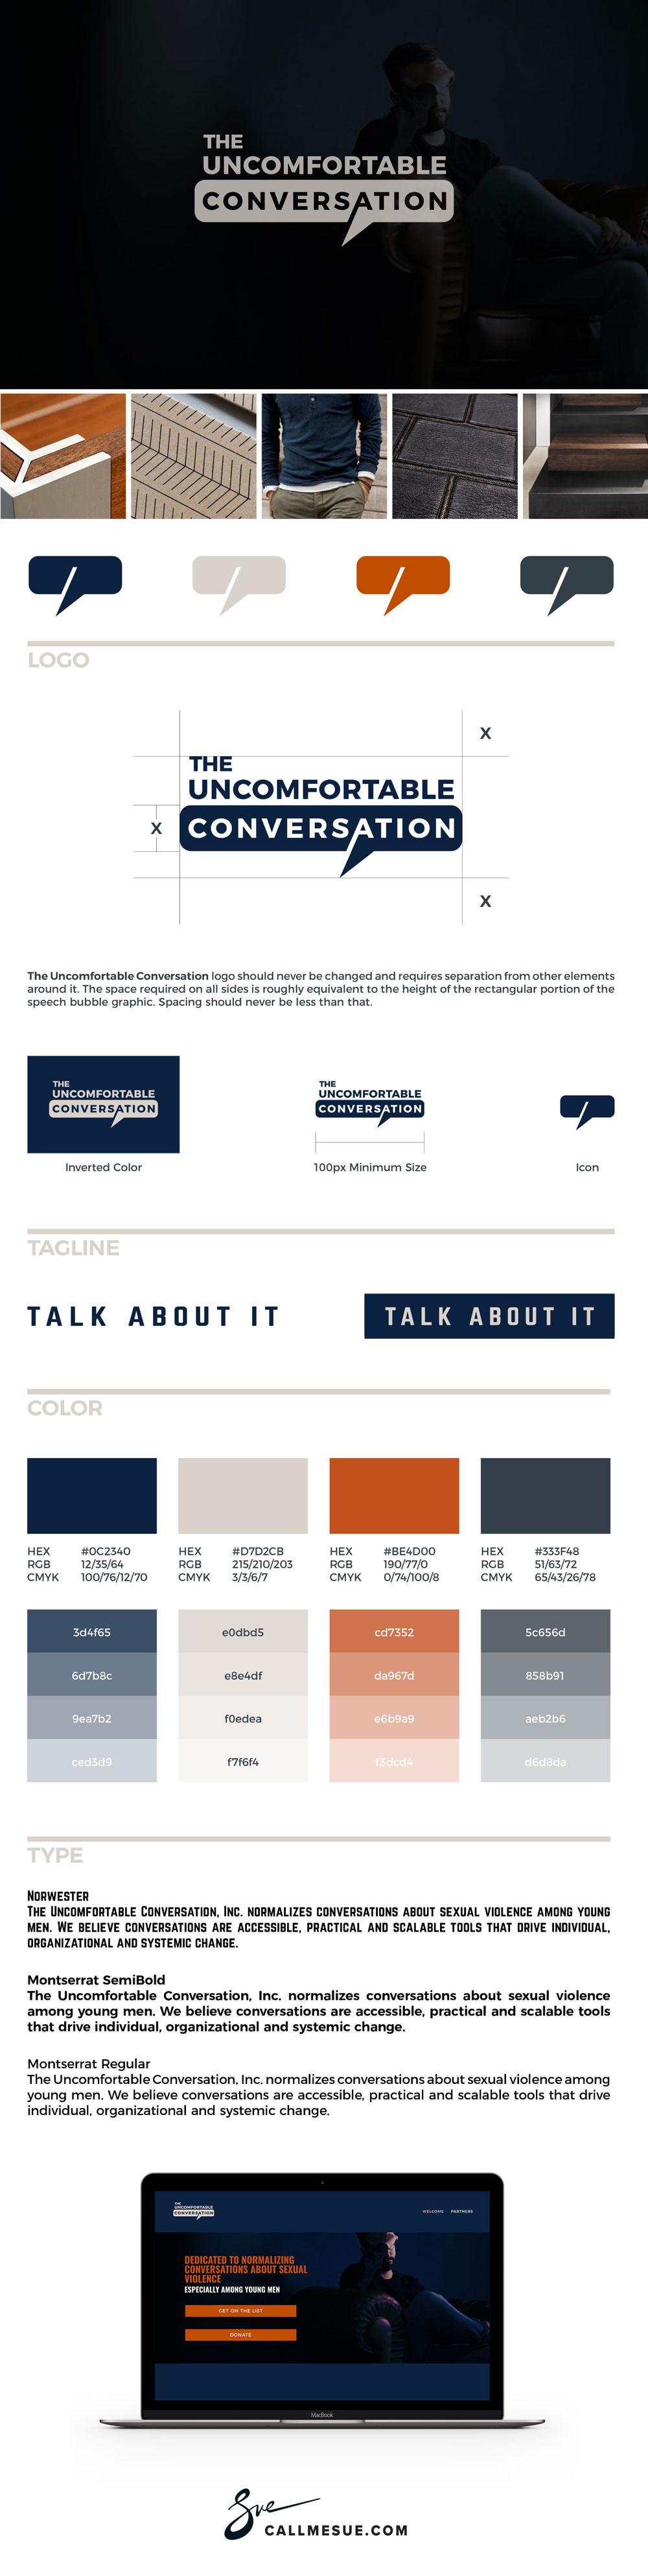 callmesue-non-profit-brand-design.jpg